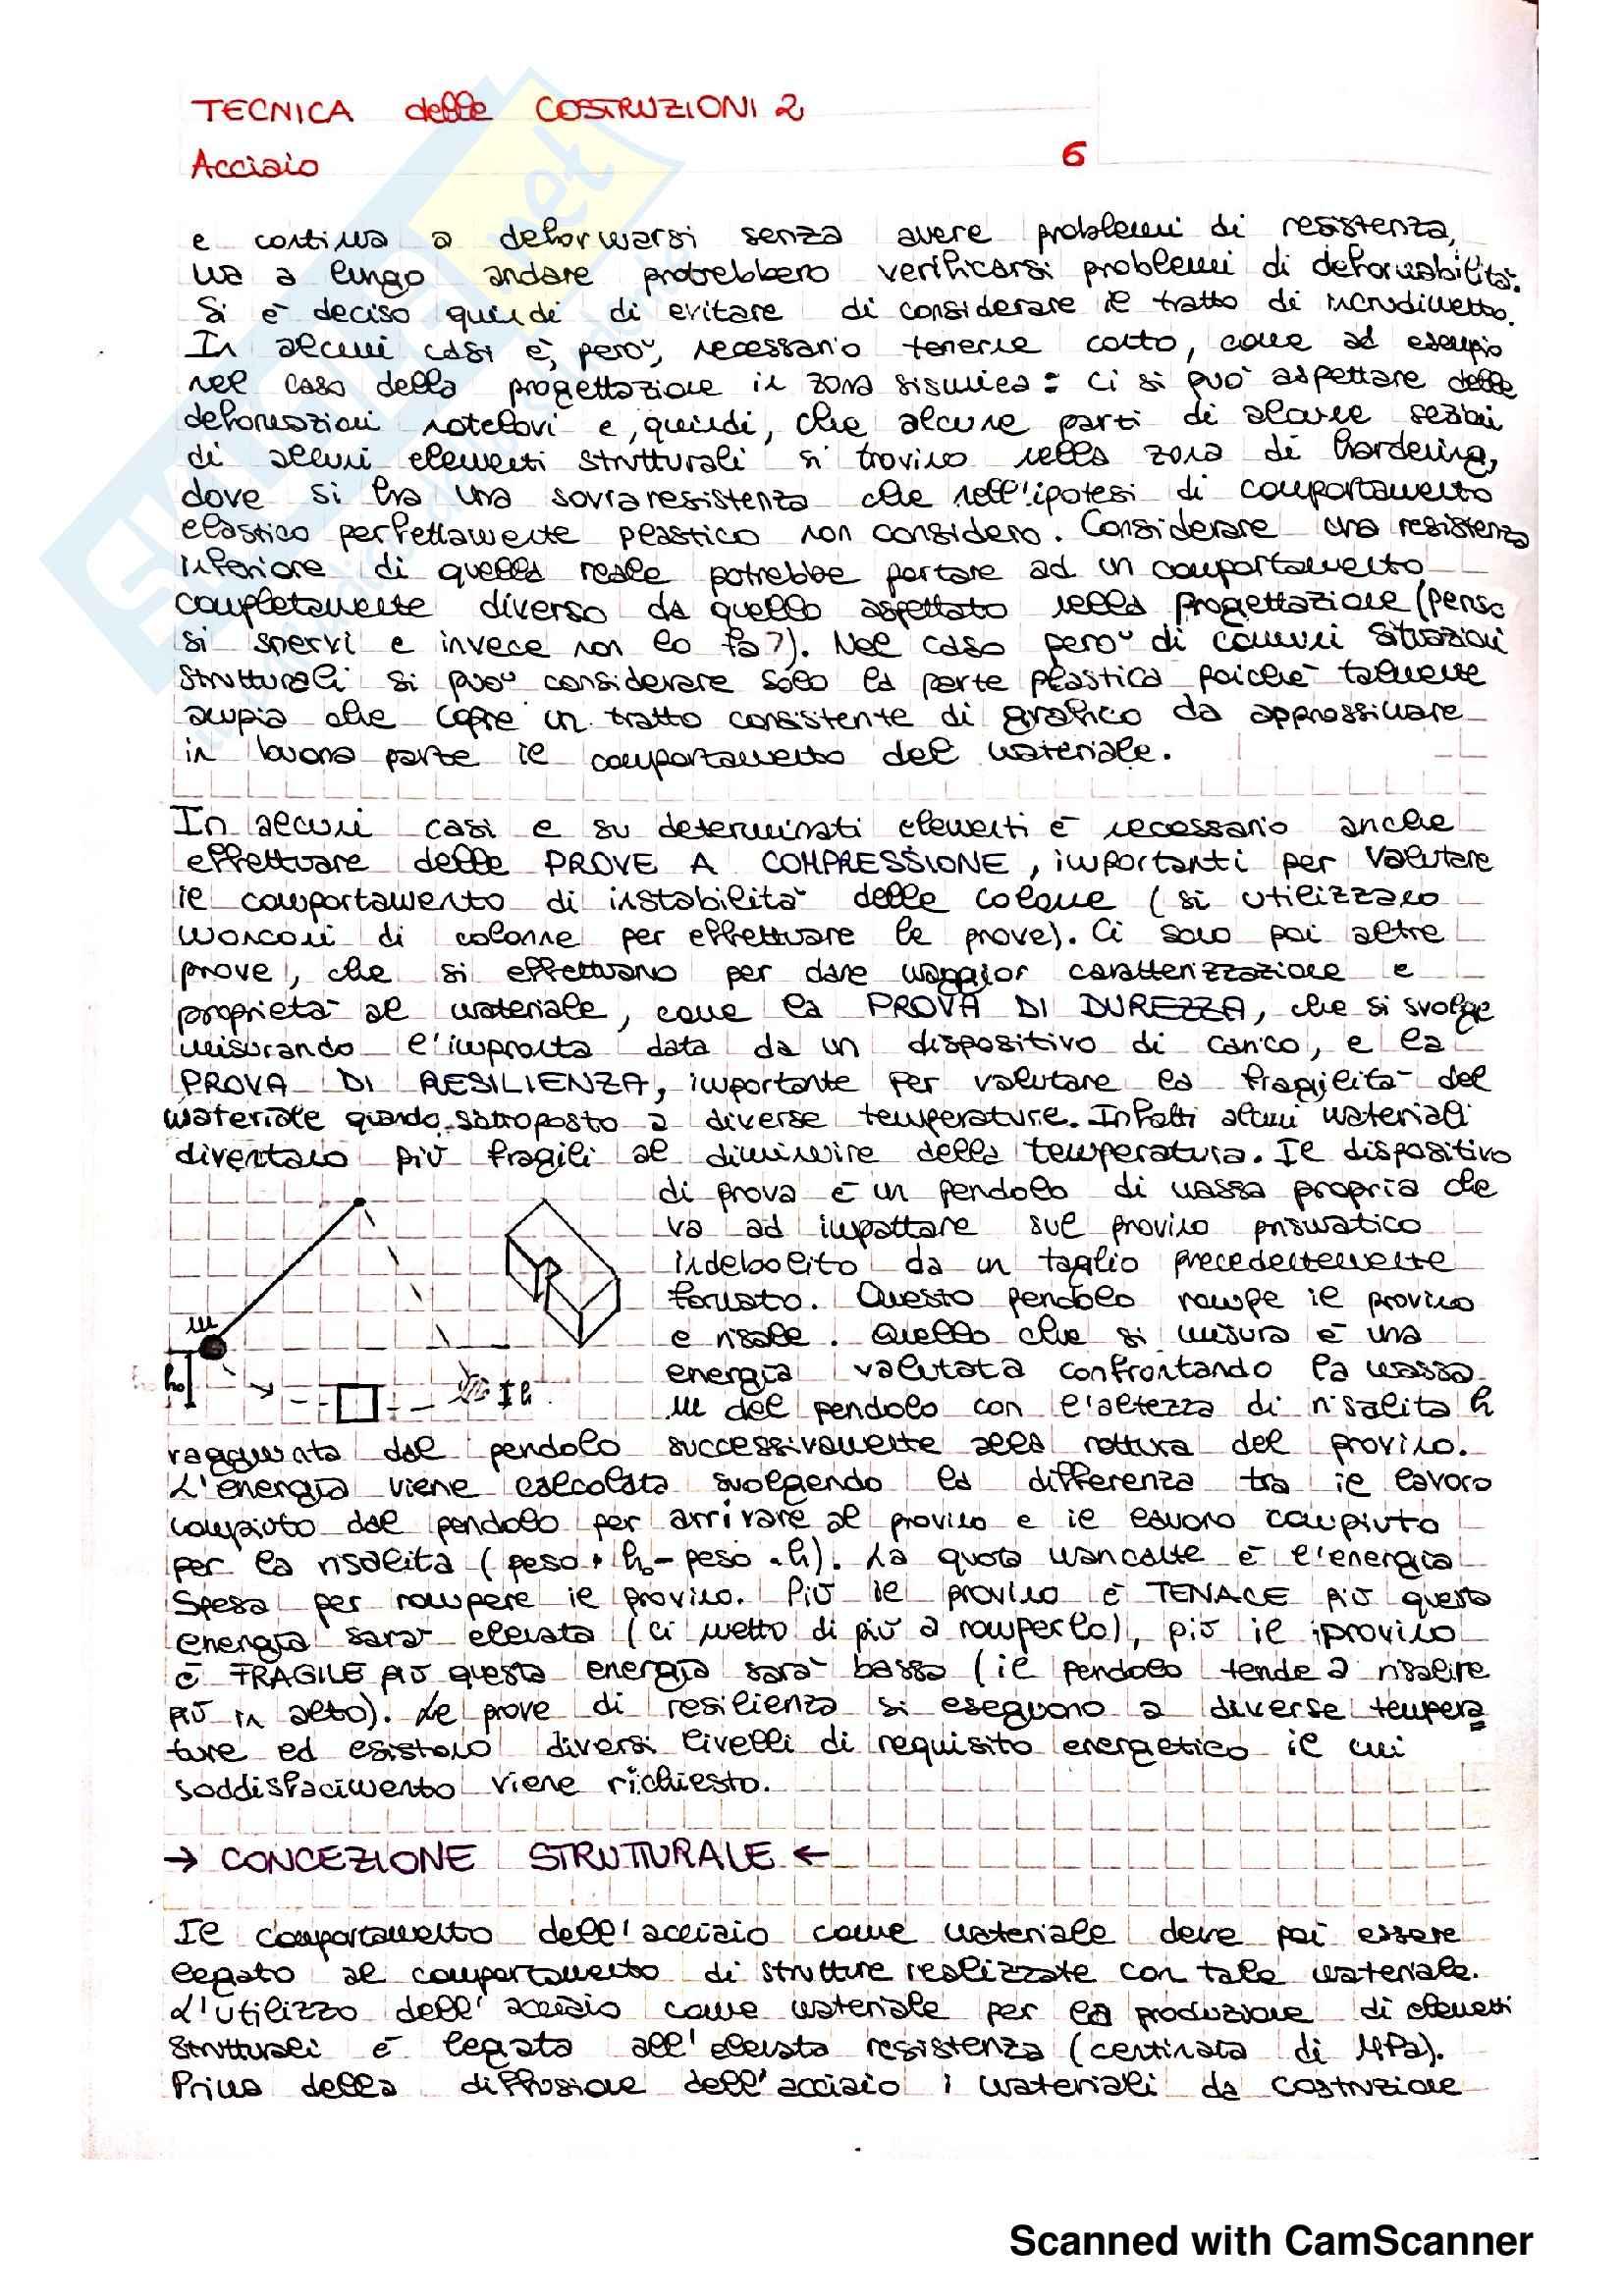 Tecnica delle Costruzioni 2 - Acciaio Pag. 6